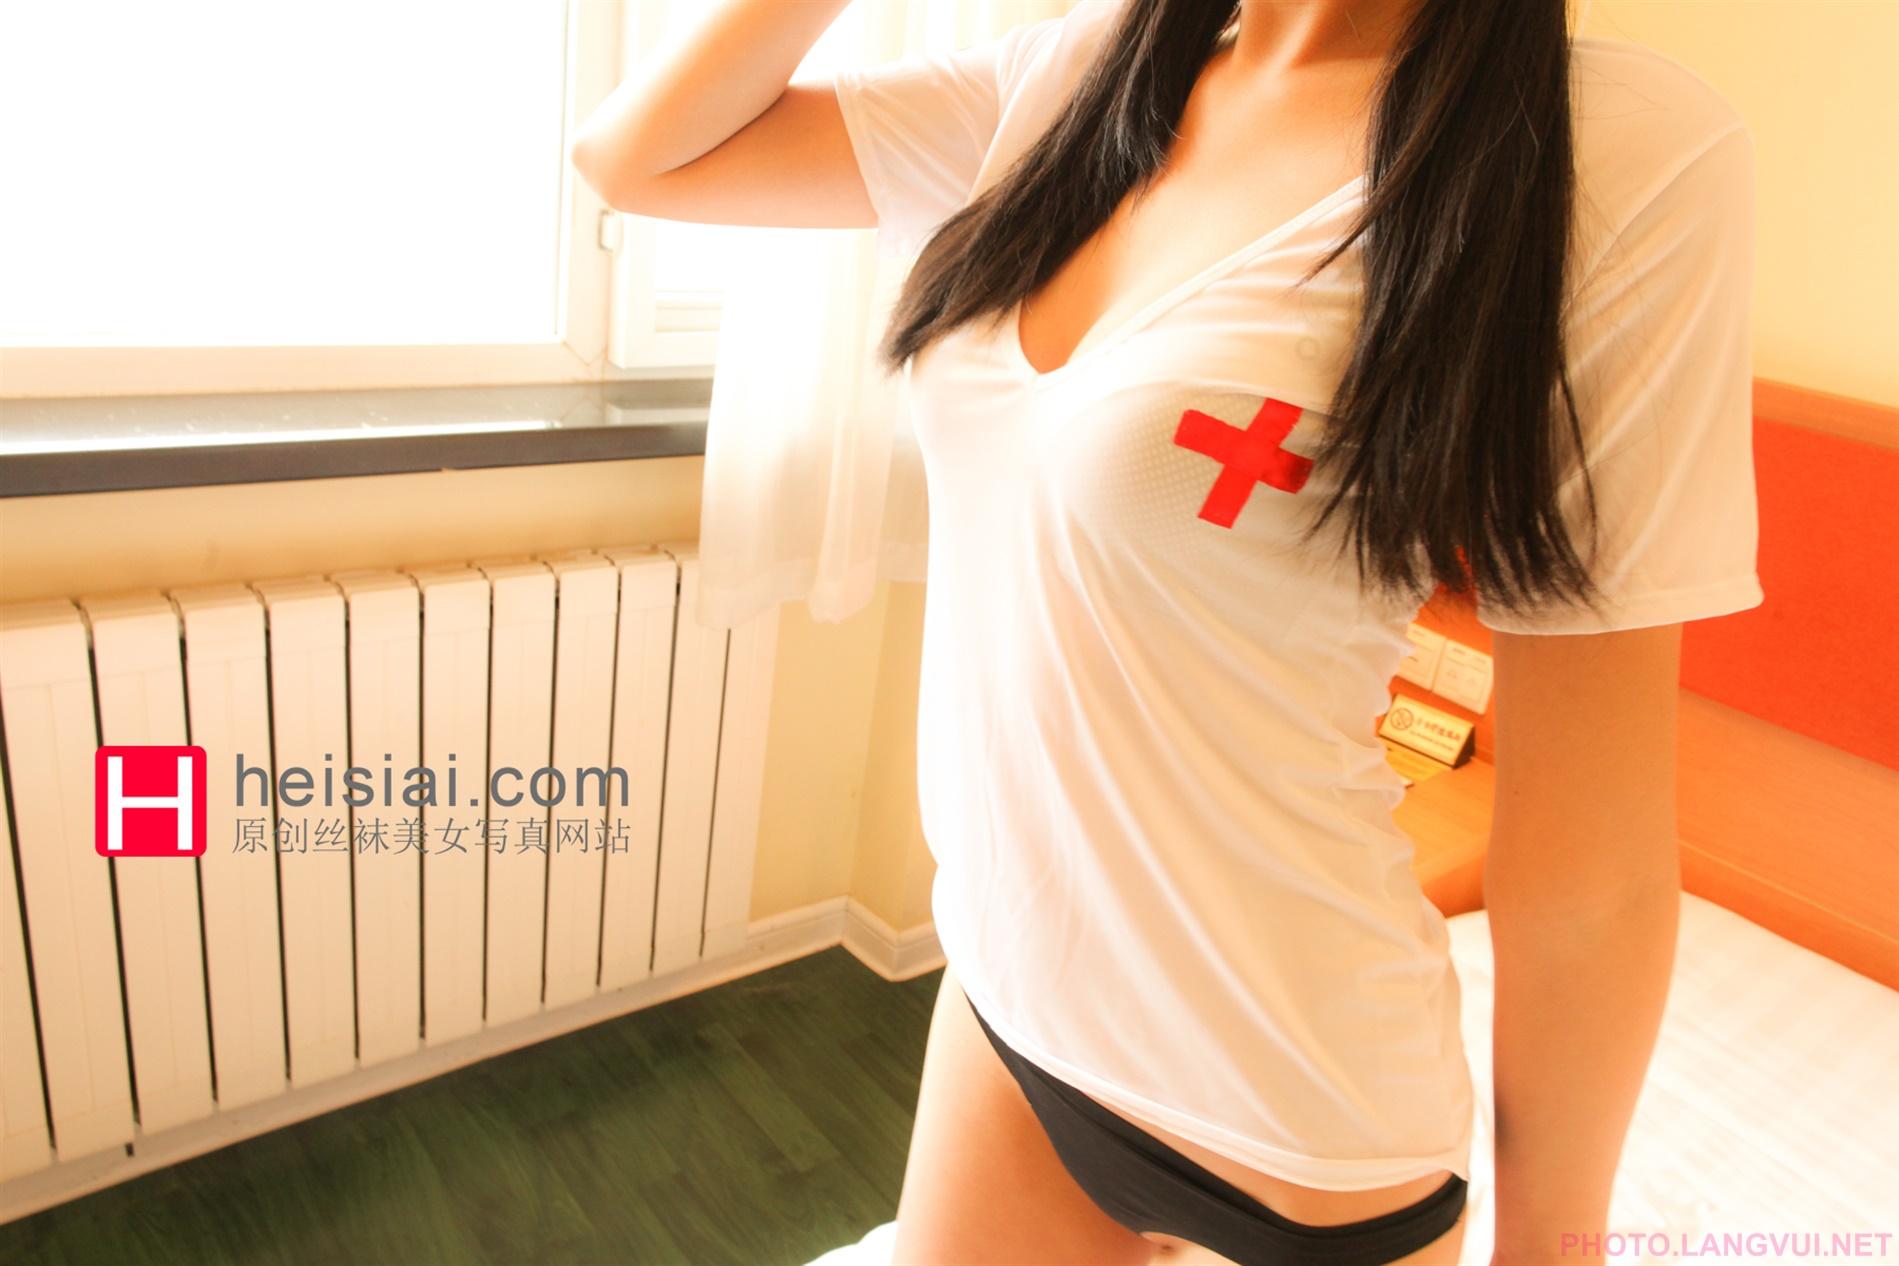 HeiSiAi No 185